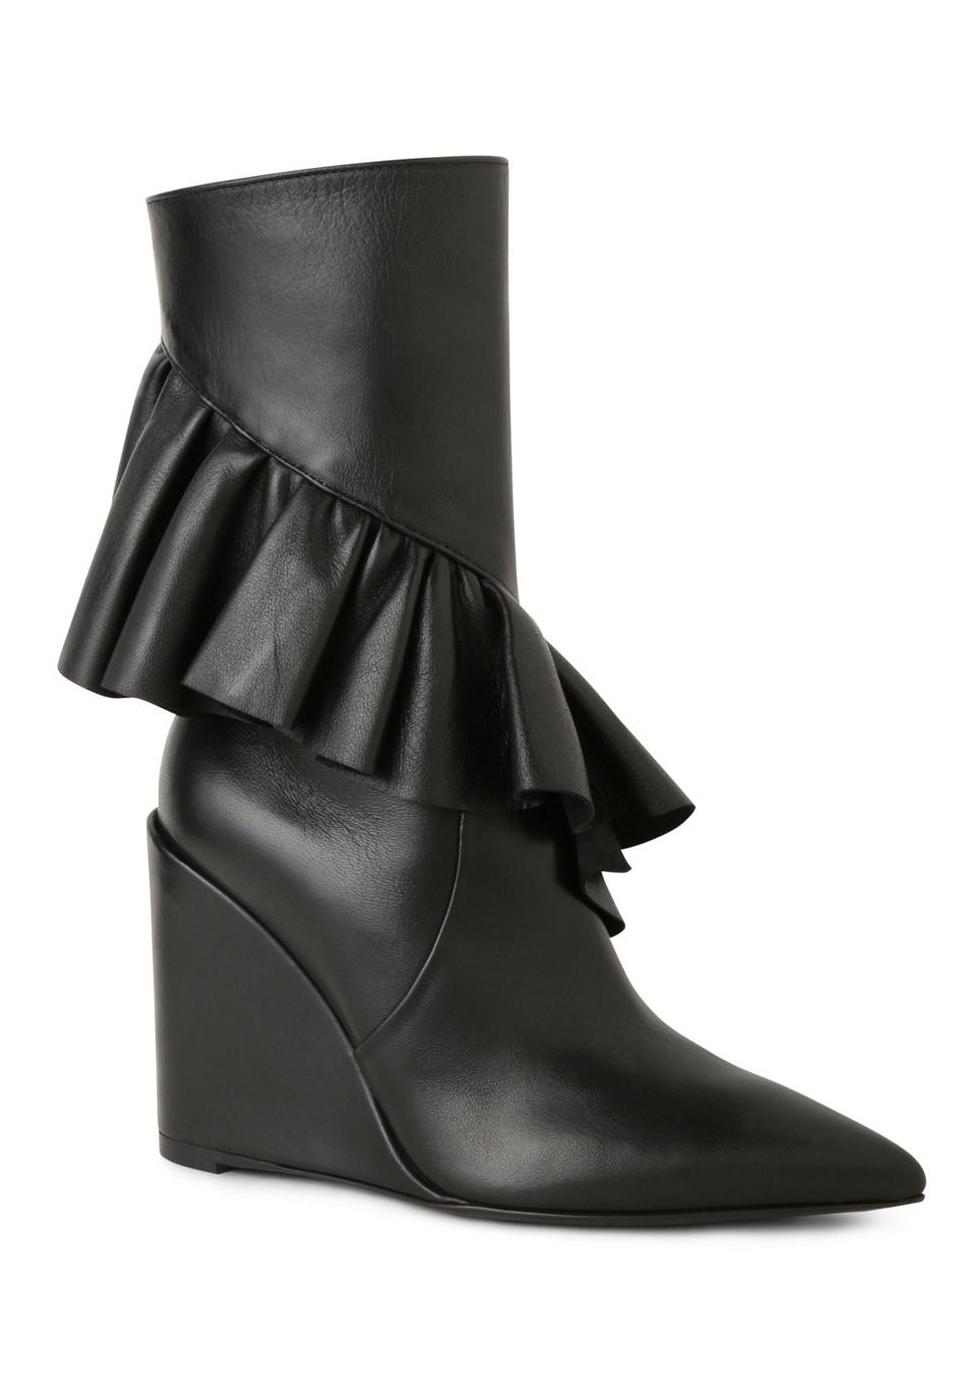 Outlet scarpe donna J.W. Anderson originali - Italian Boutique ba292cd7f90